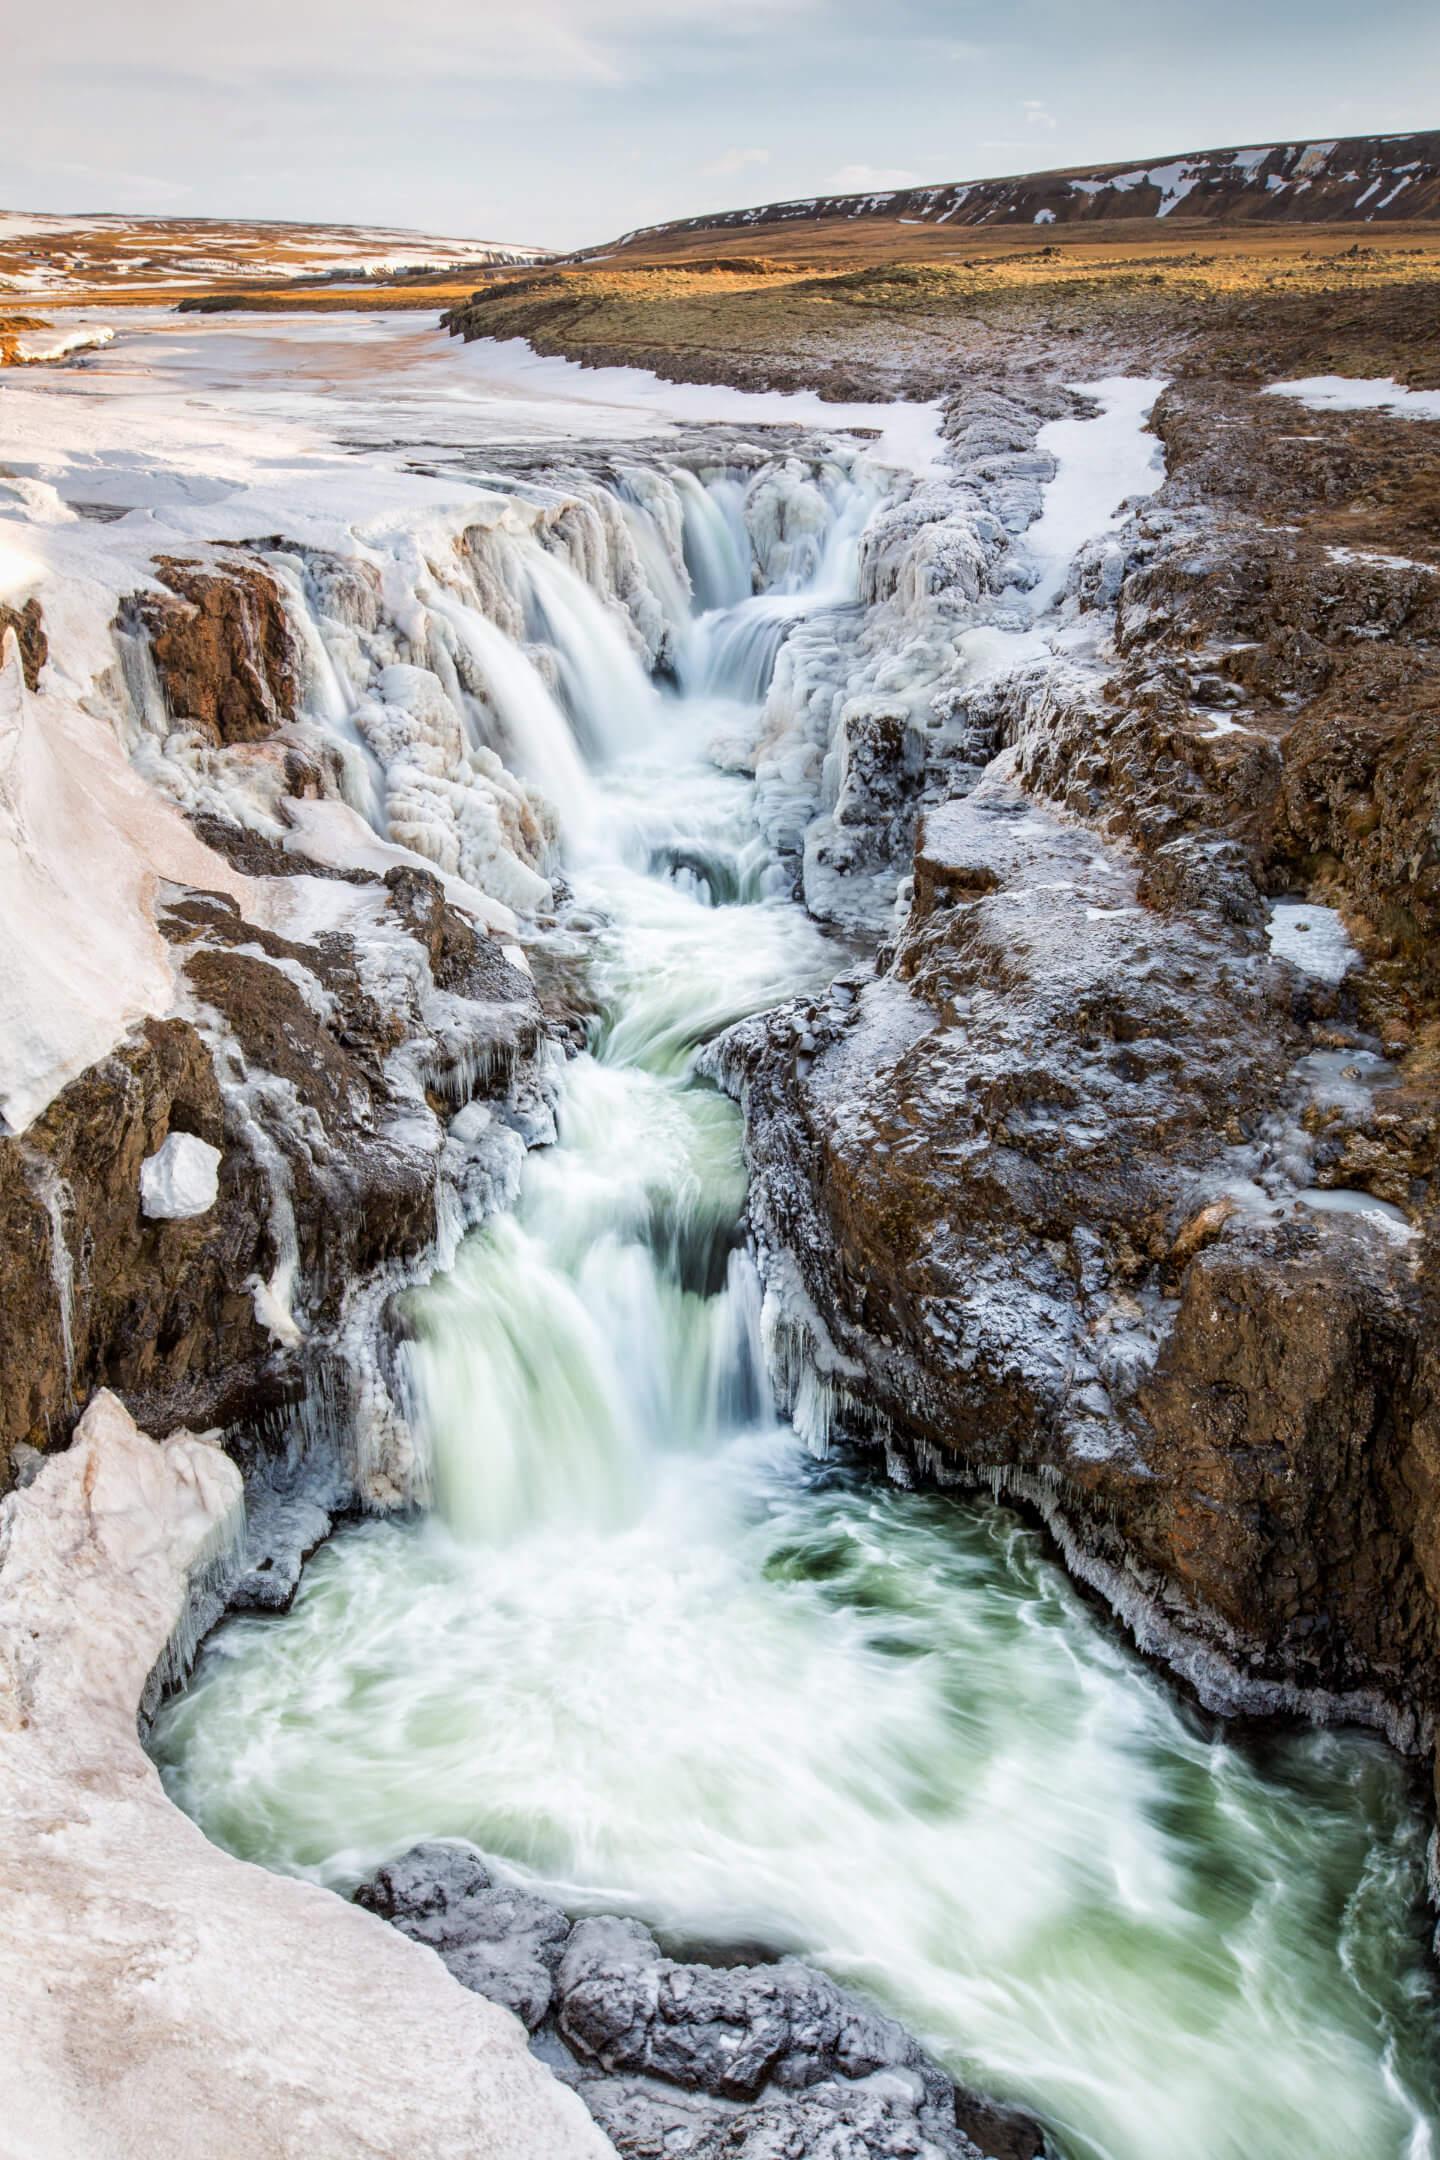 Der Kolufossar fällt über insgesamt drei Wasserfälle in die Tiefe